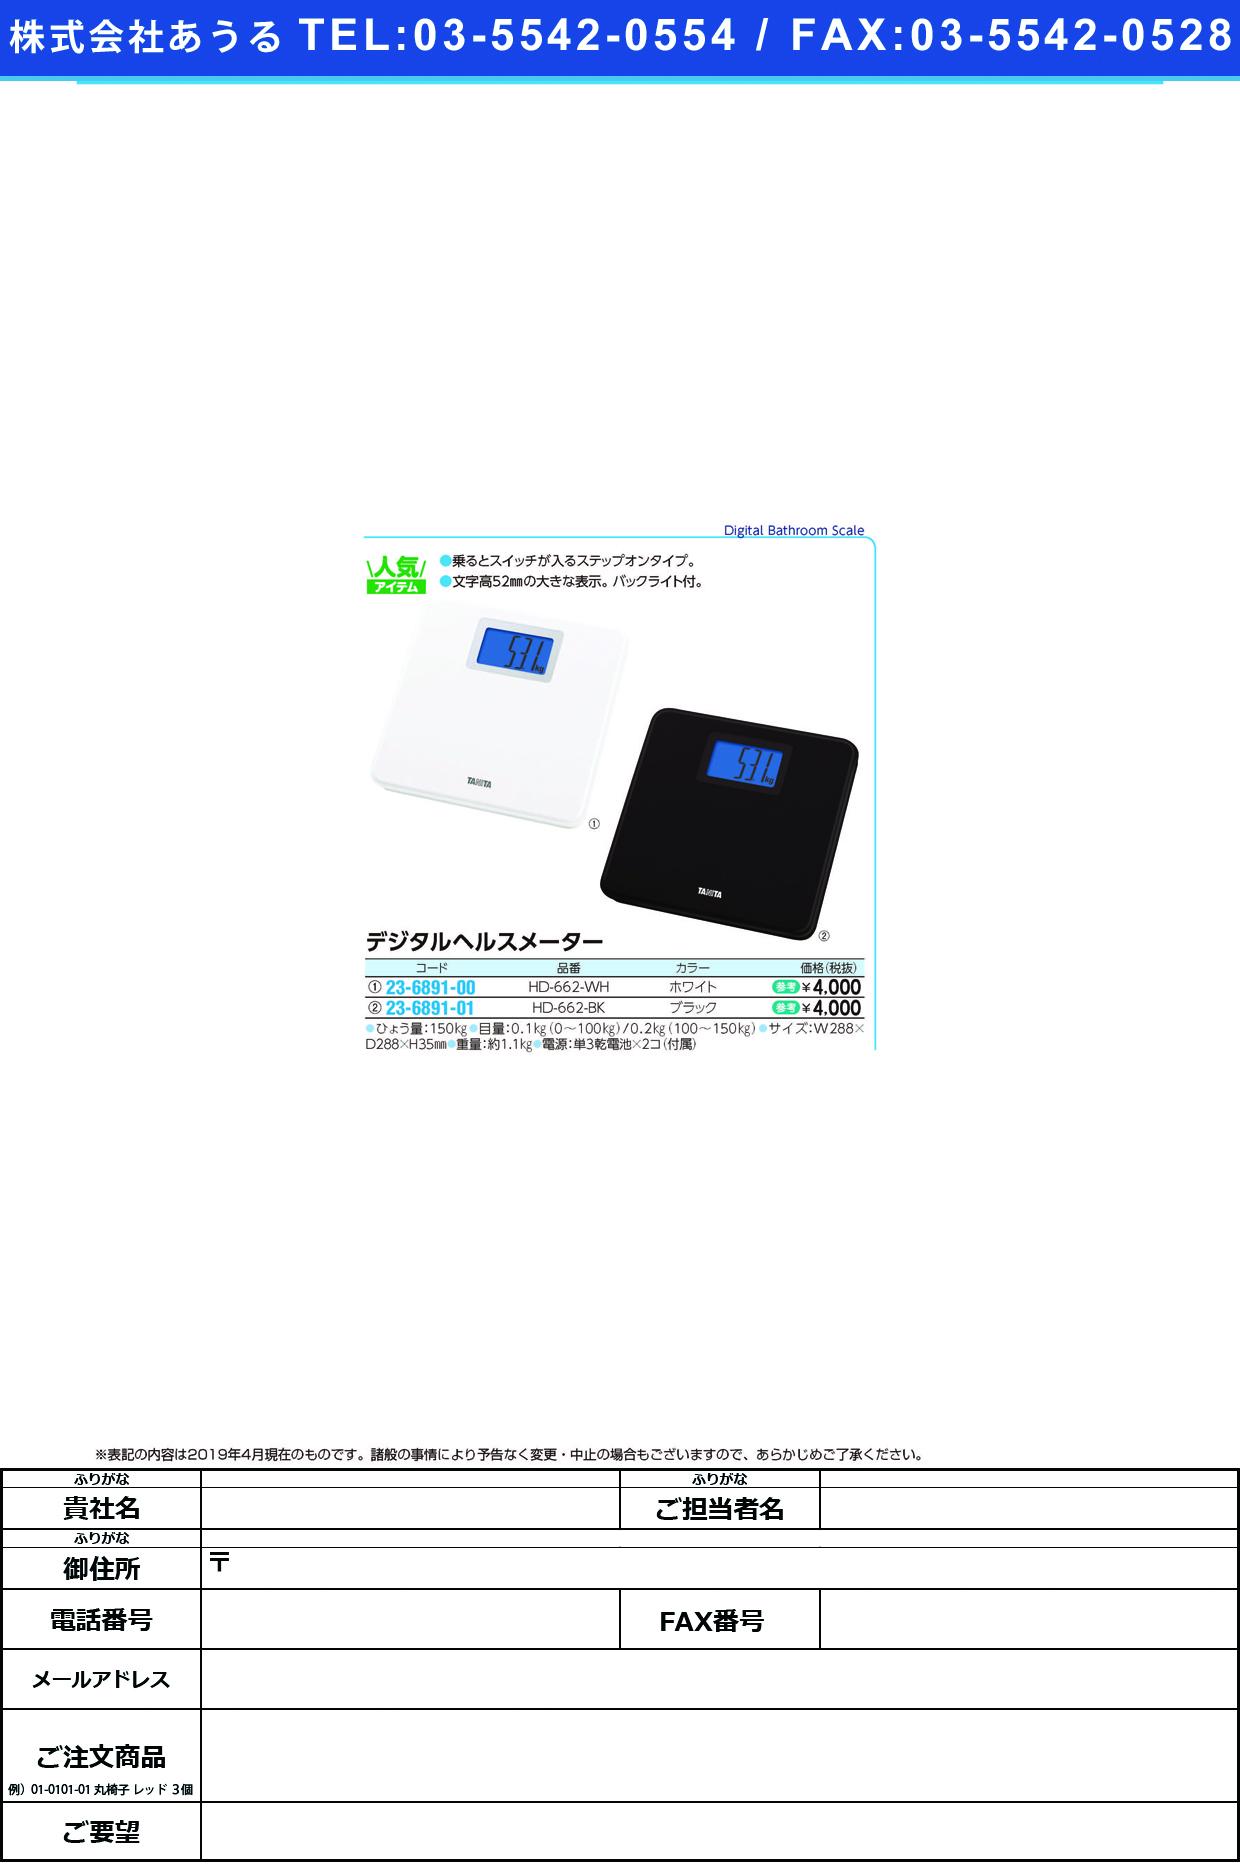 (23-6891-00)デジタルヘルスメーター HD-662(ホワイト) デジタルヘルスメーター(タニタ)【1台単位】【2019年カタログ商品】